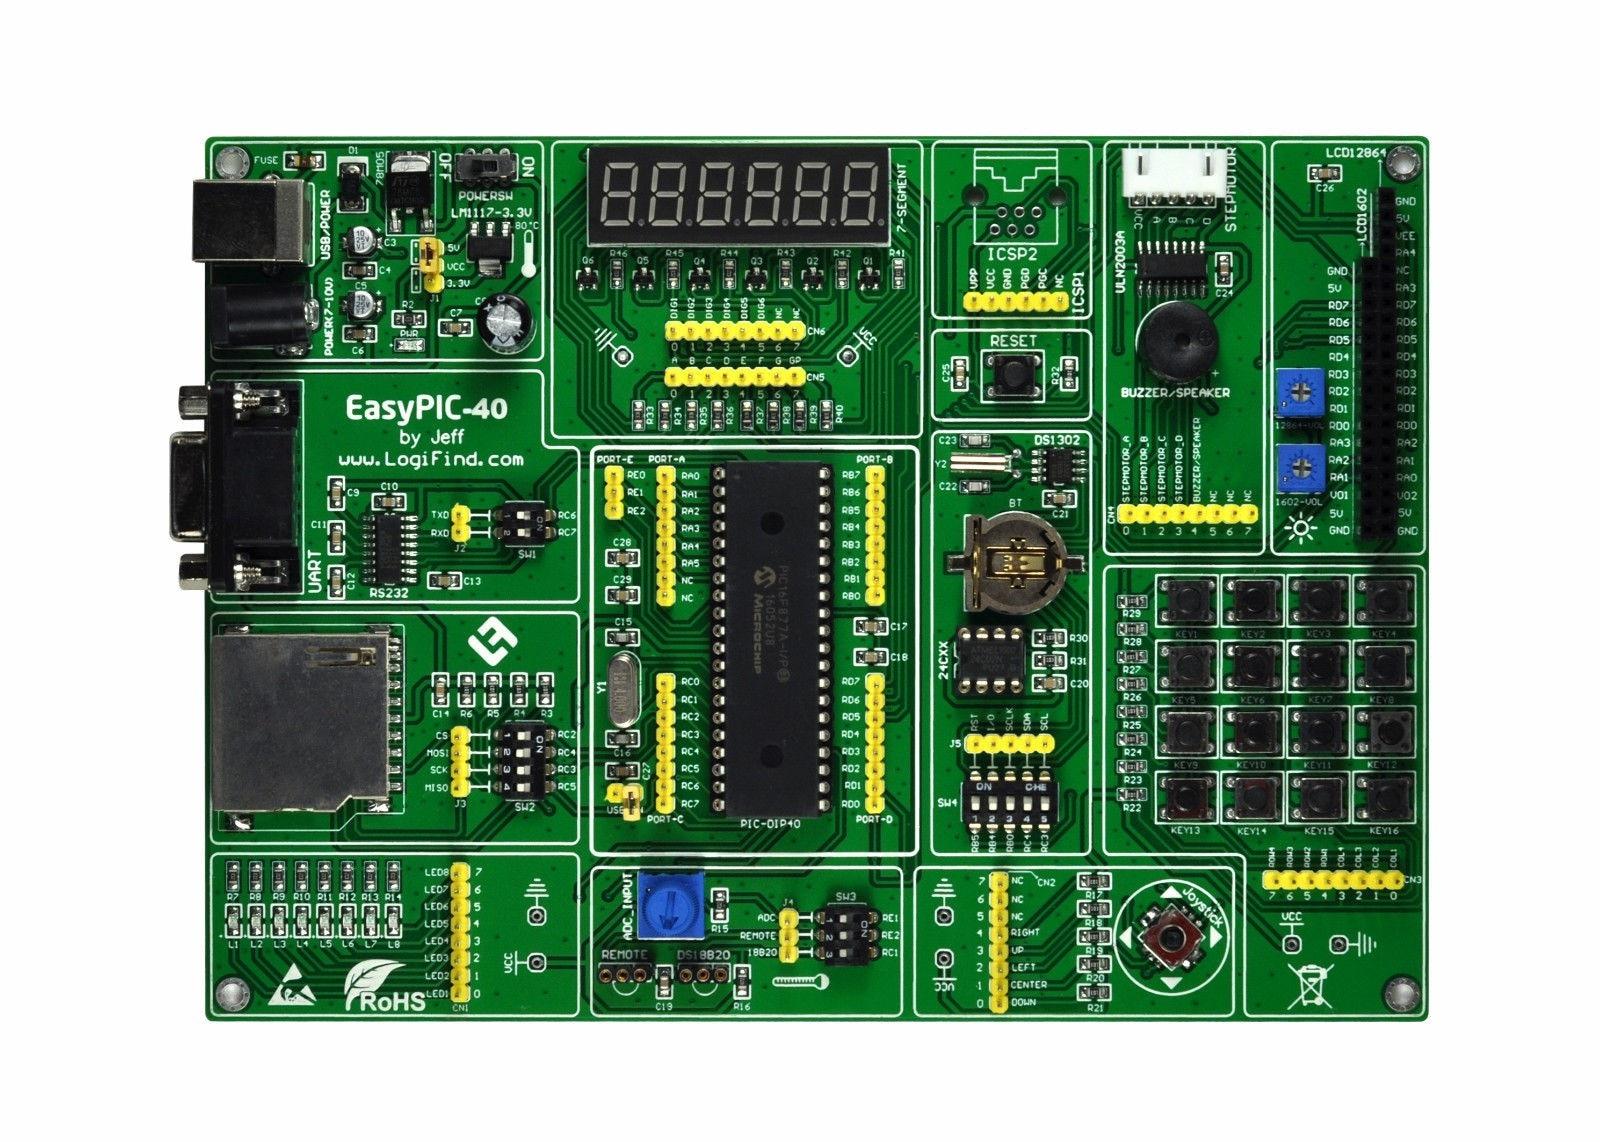 цена на PIC microcontroller learning development board easyPIC-40 + PIC16F877A